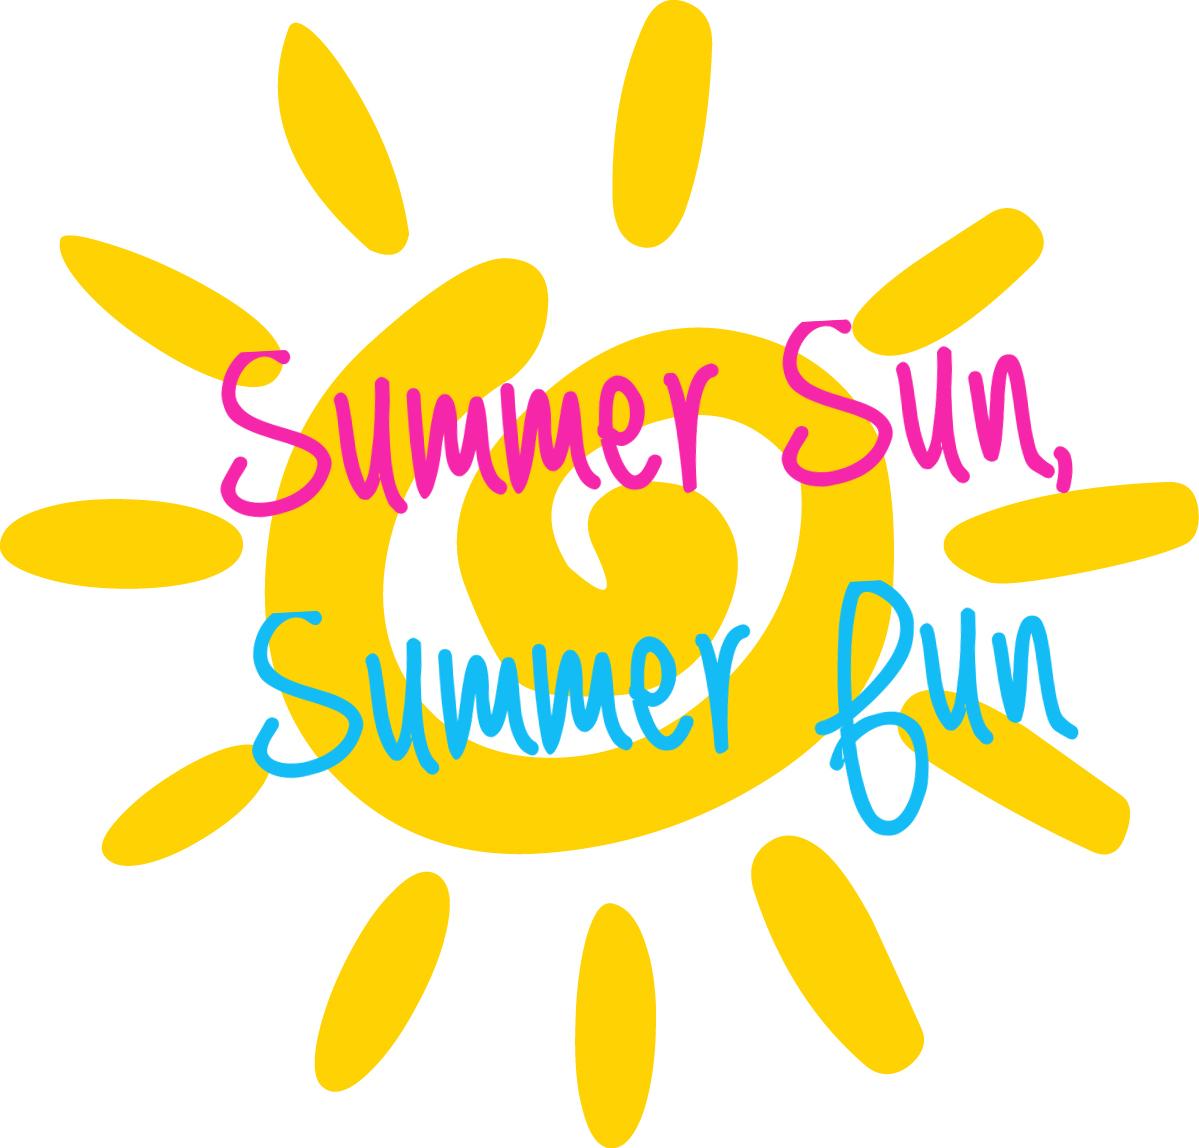 hight resolution of 1199x1148 summer fun clipart sun 1 jpgoriginal